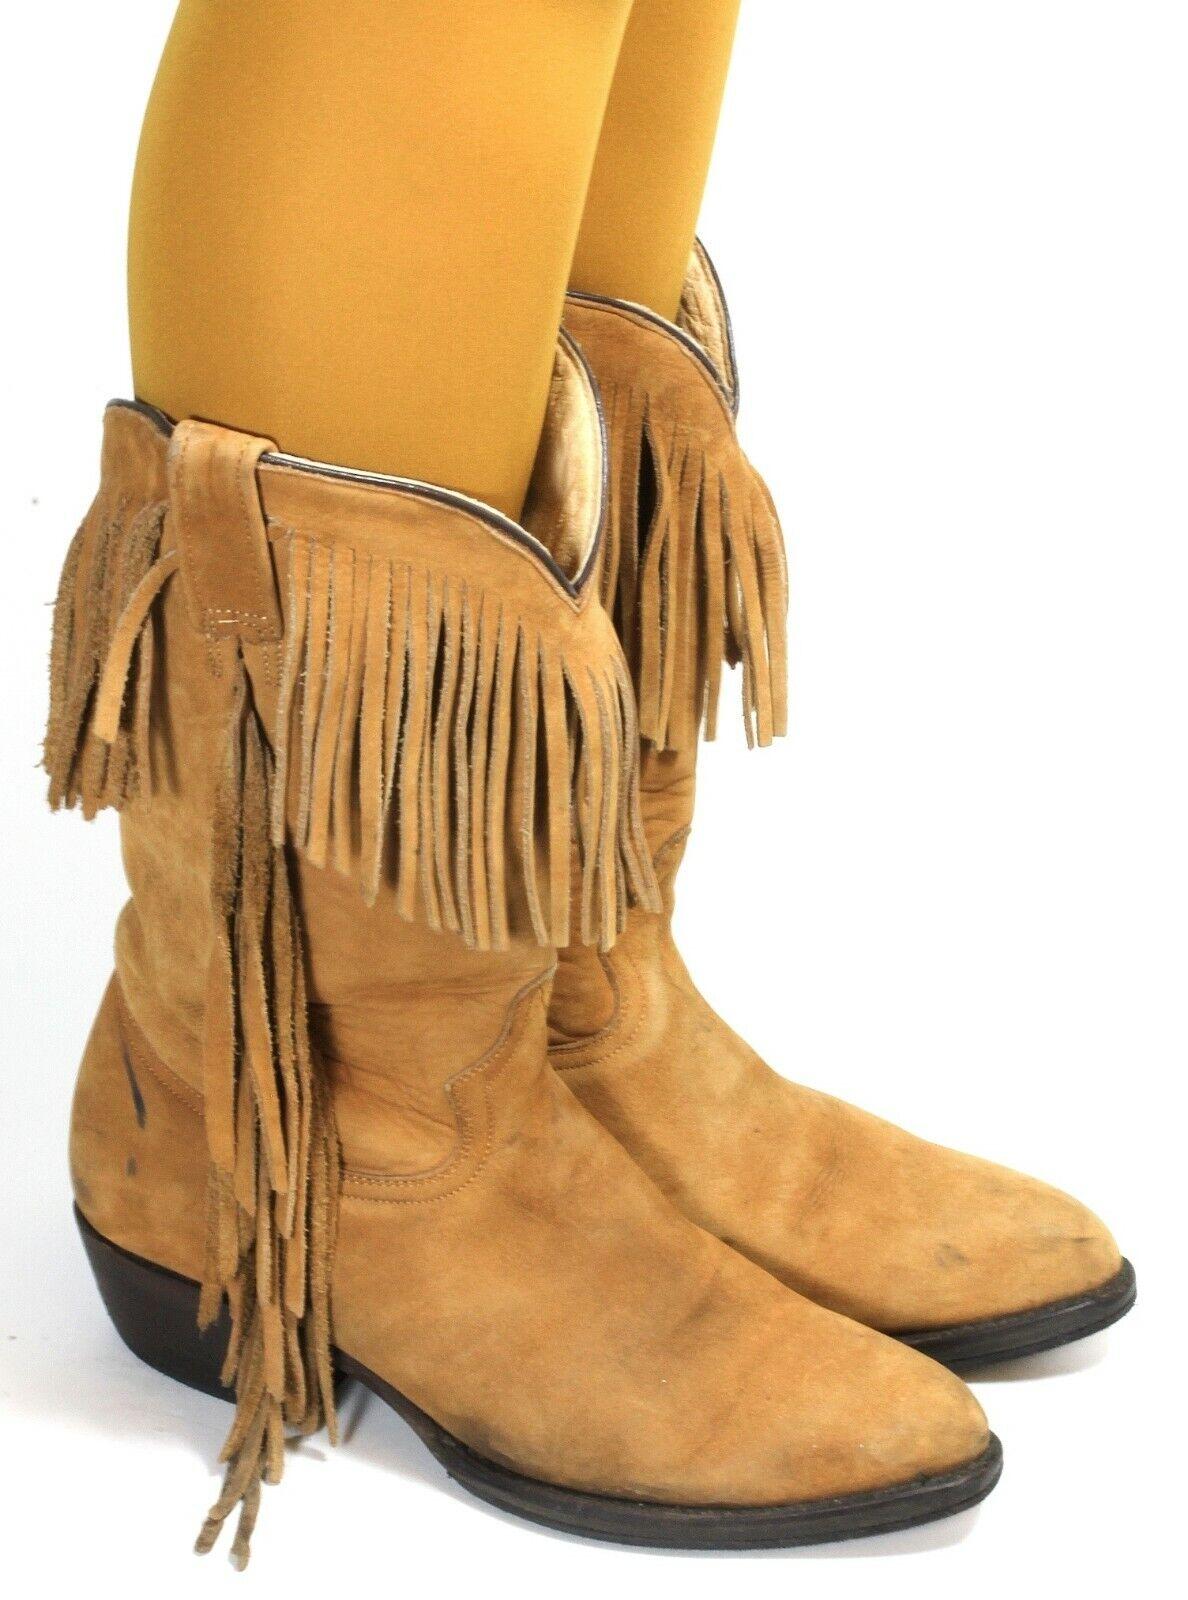 Western botas botas de vaquero solchaga style line Dance Mezcalero Mezcalero Mezcalero flecos 41  para mayoristas